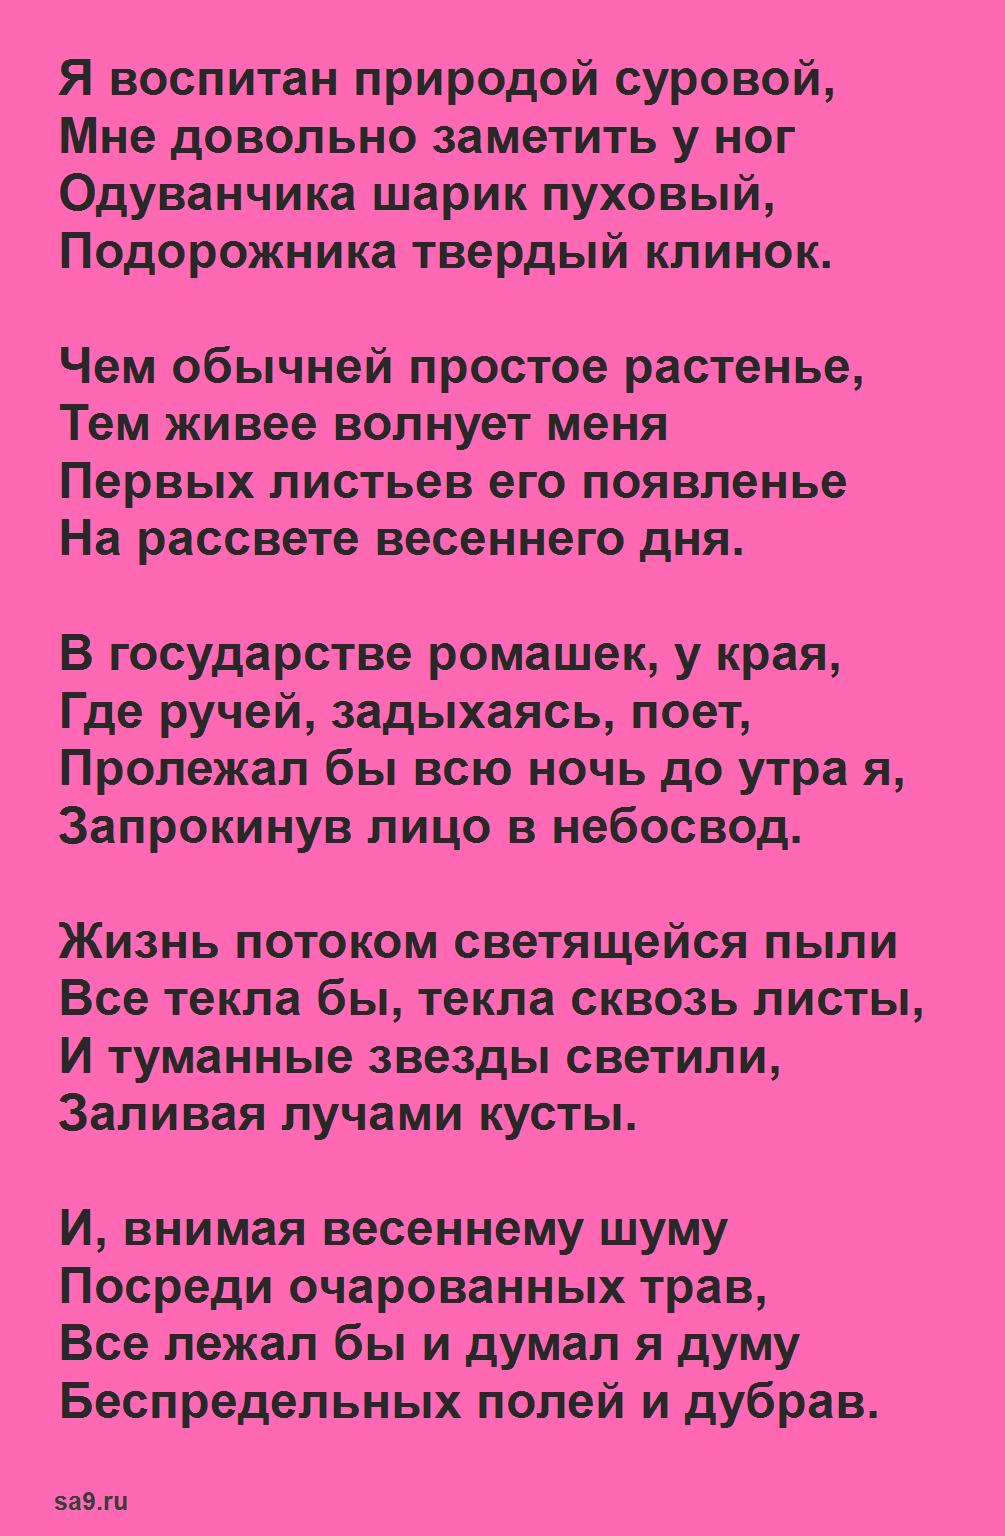 Стихи Заболоцкого - Я воспитан природой суровой